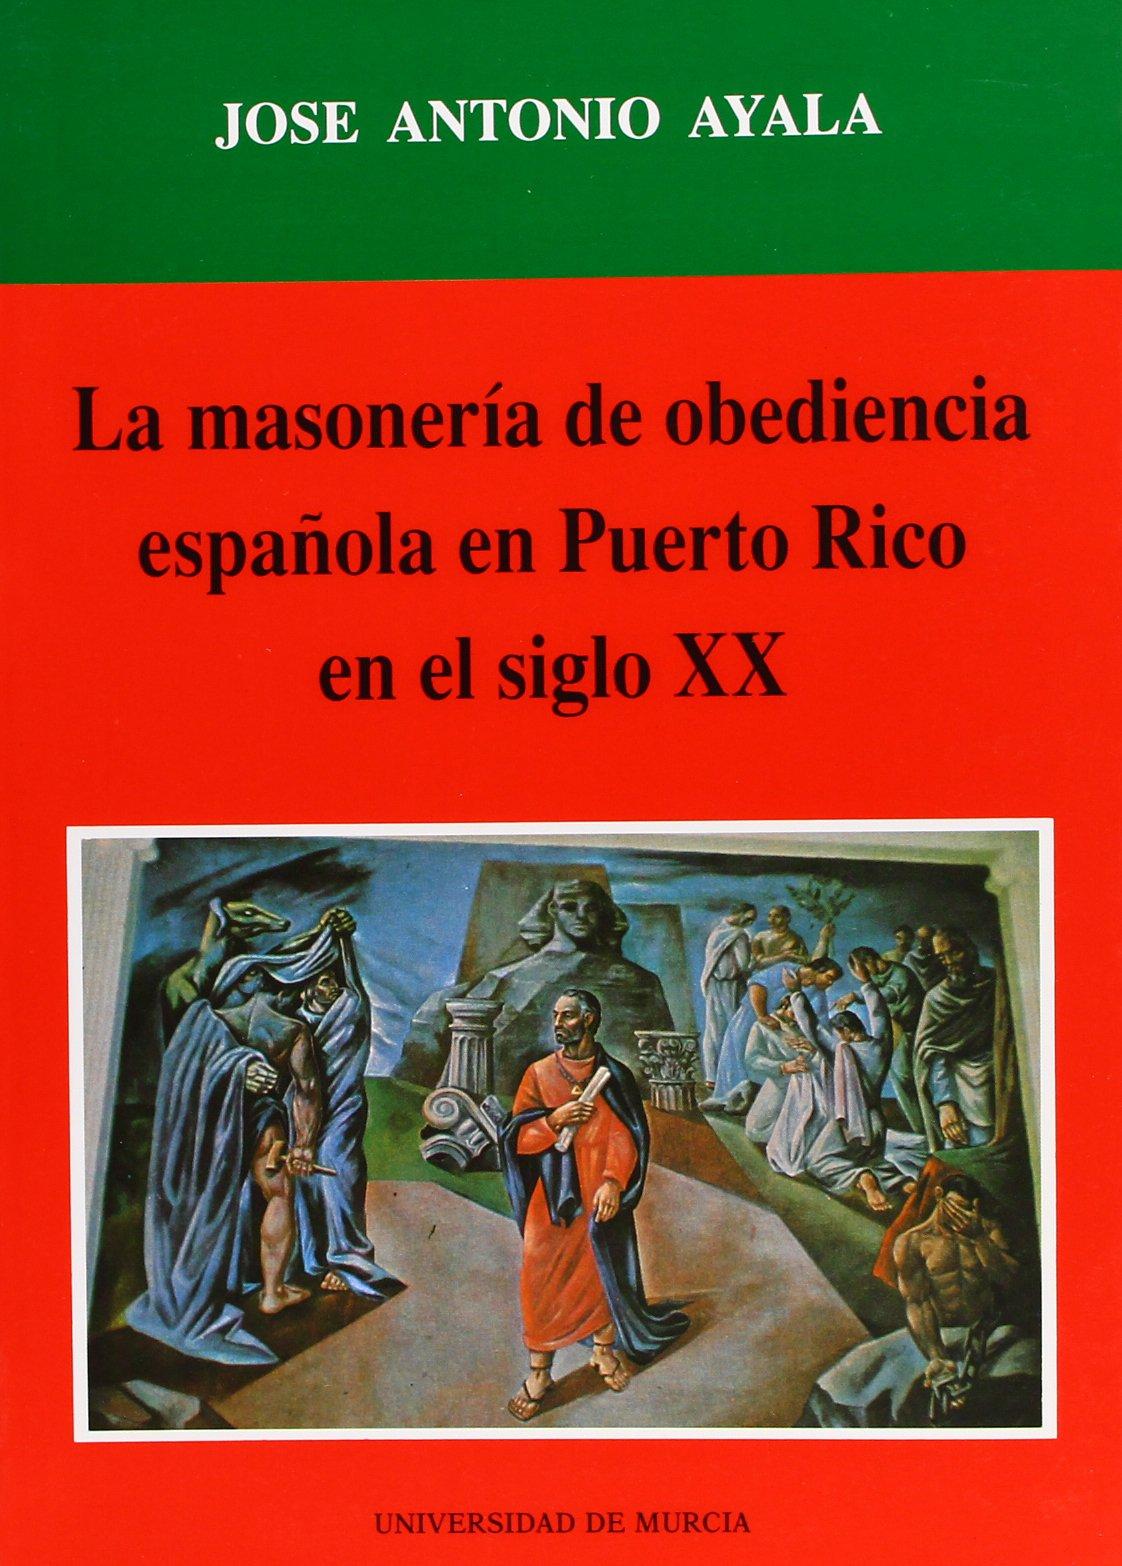 Masoneria de Obediencia Española en Puerto Rico en el Siglo Xx, La: Amazon.es: Ayala, Jose Antonio: Libros